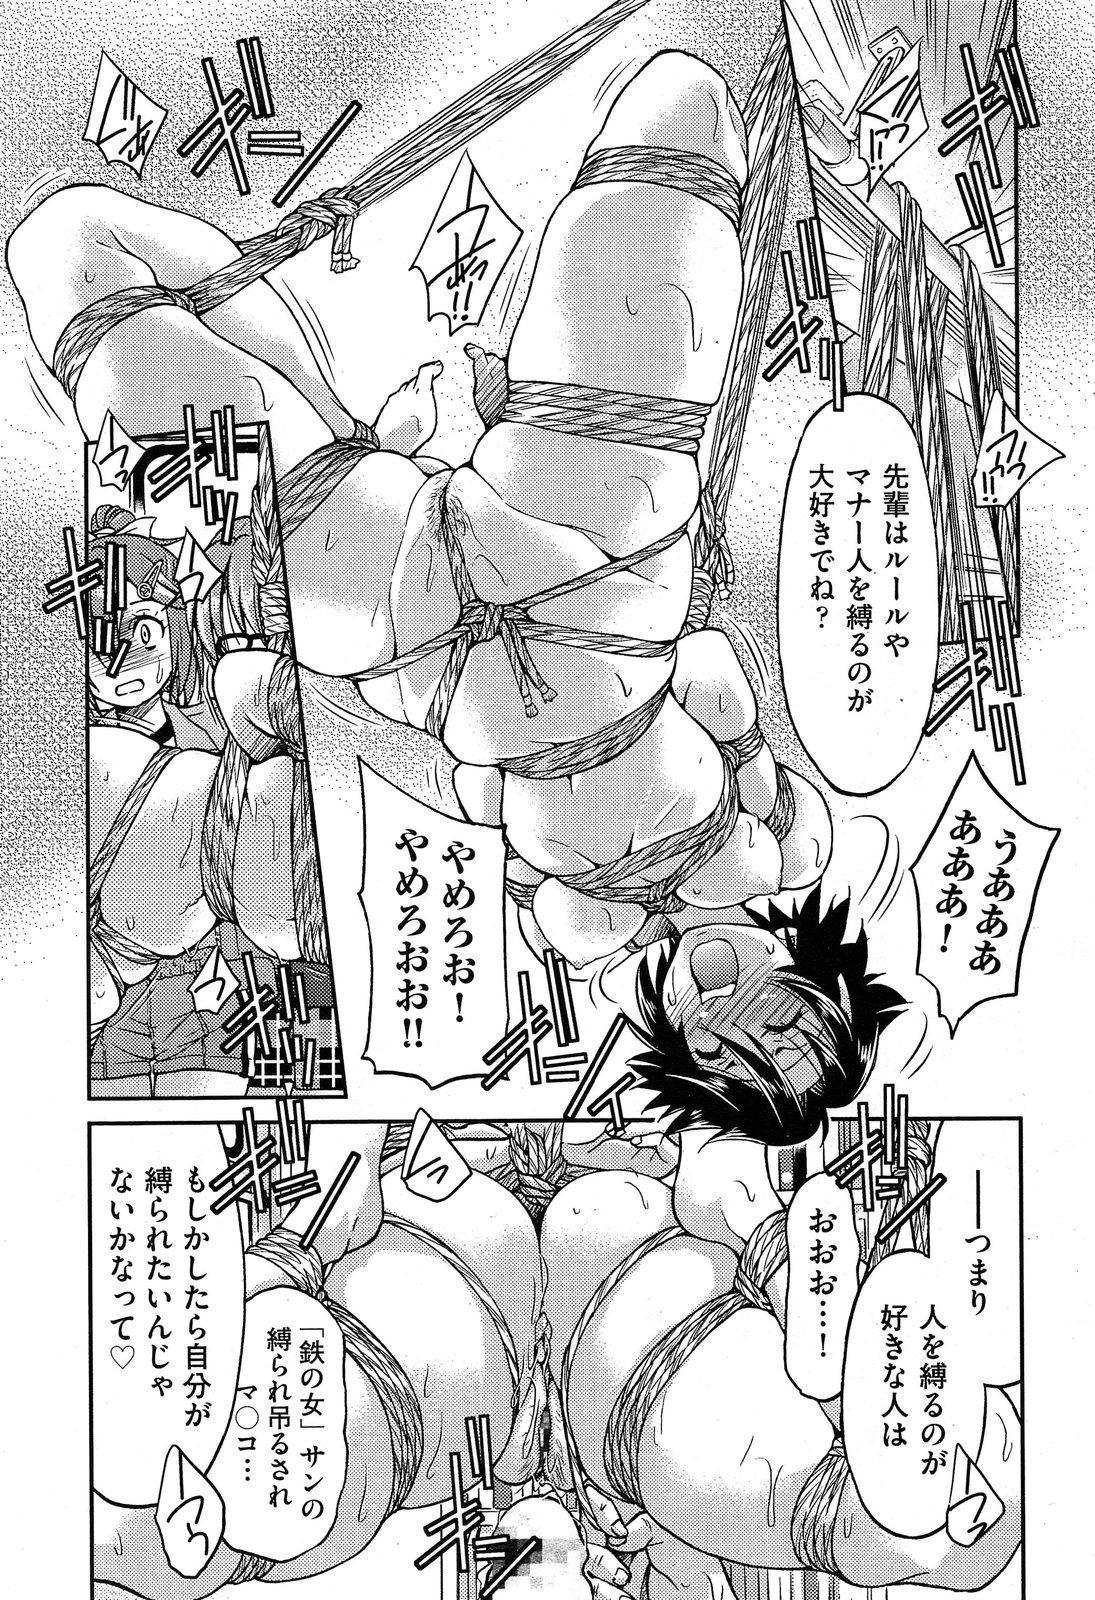 [Inoue Yoshihisa] Joshitetsu -Girls railway Geek- Ch.1-7 133